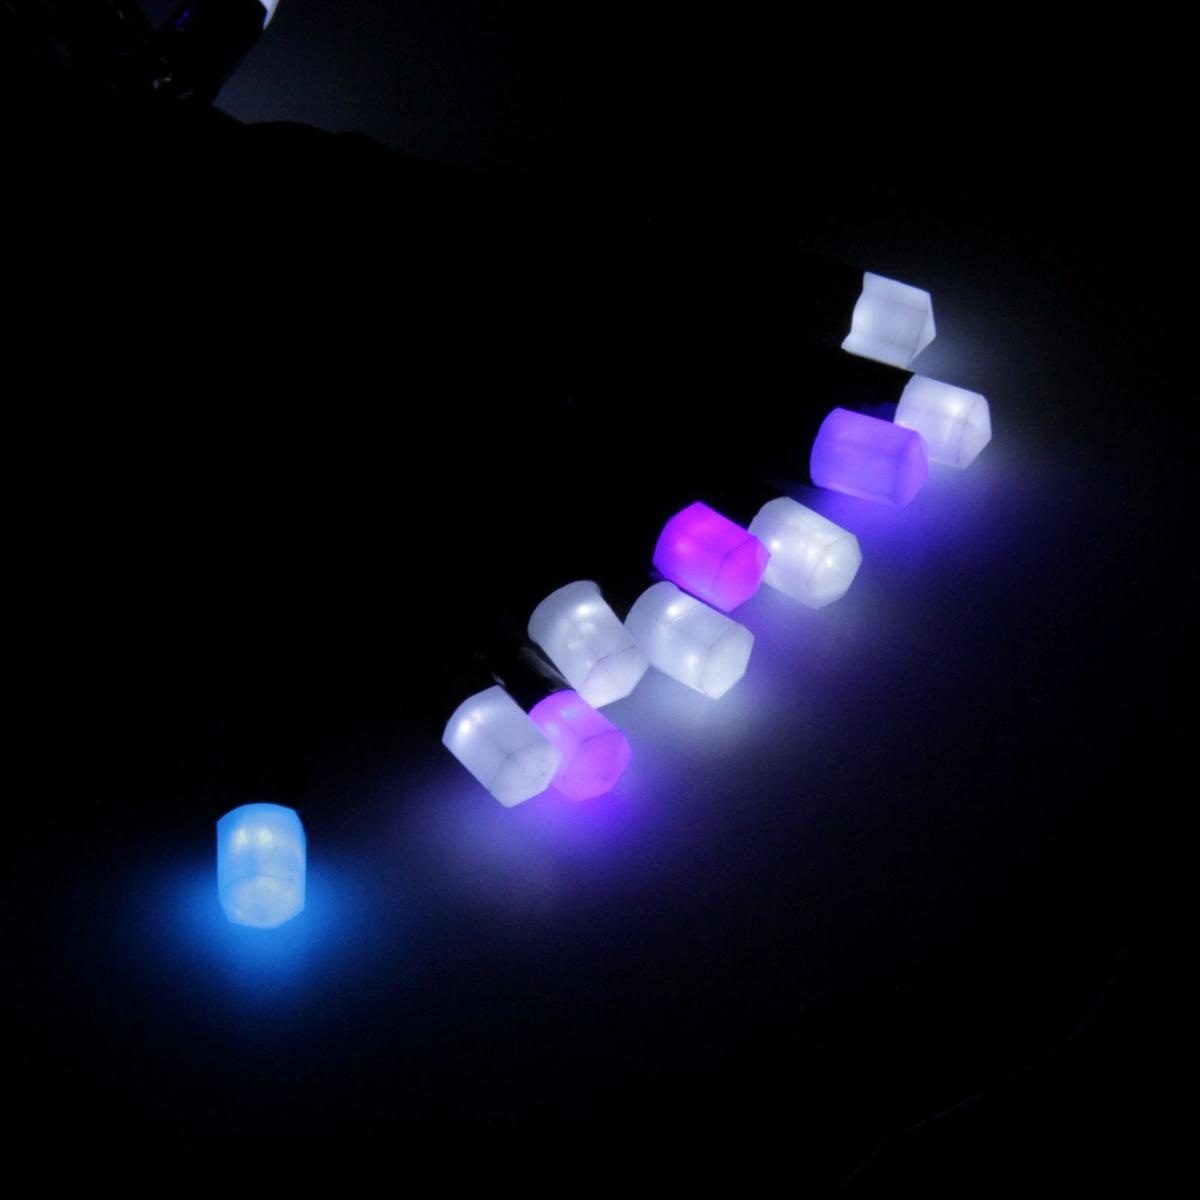 Гирлянда светодиодная Luazon Метраж. Кристаллы, уличная с насадкой, моргает, 40 ламп, 220 V, 5 м, цвет: синий. 185516185516Светодиодные гирлянды, ленты и т.д. — это отличный вариант для новогоднего оформления интерьера или фасада. С их помощью помещение любого размера можно превратить в праздничный зал, а внешние элементы зданий, украшенные ими, мгновенно станут напоминать очертания сказочного дворца. Такие украшения создают ауру предвкушения чуда. Деревья, фасады, витрины, окна и арки будто специально созданы, чтобы вы украсили их светящимися нитями.